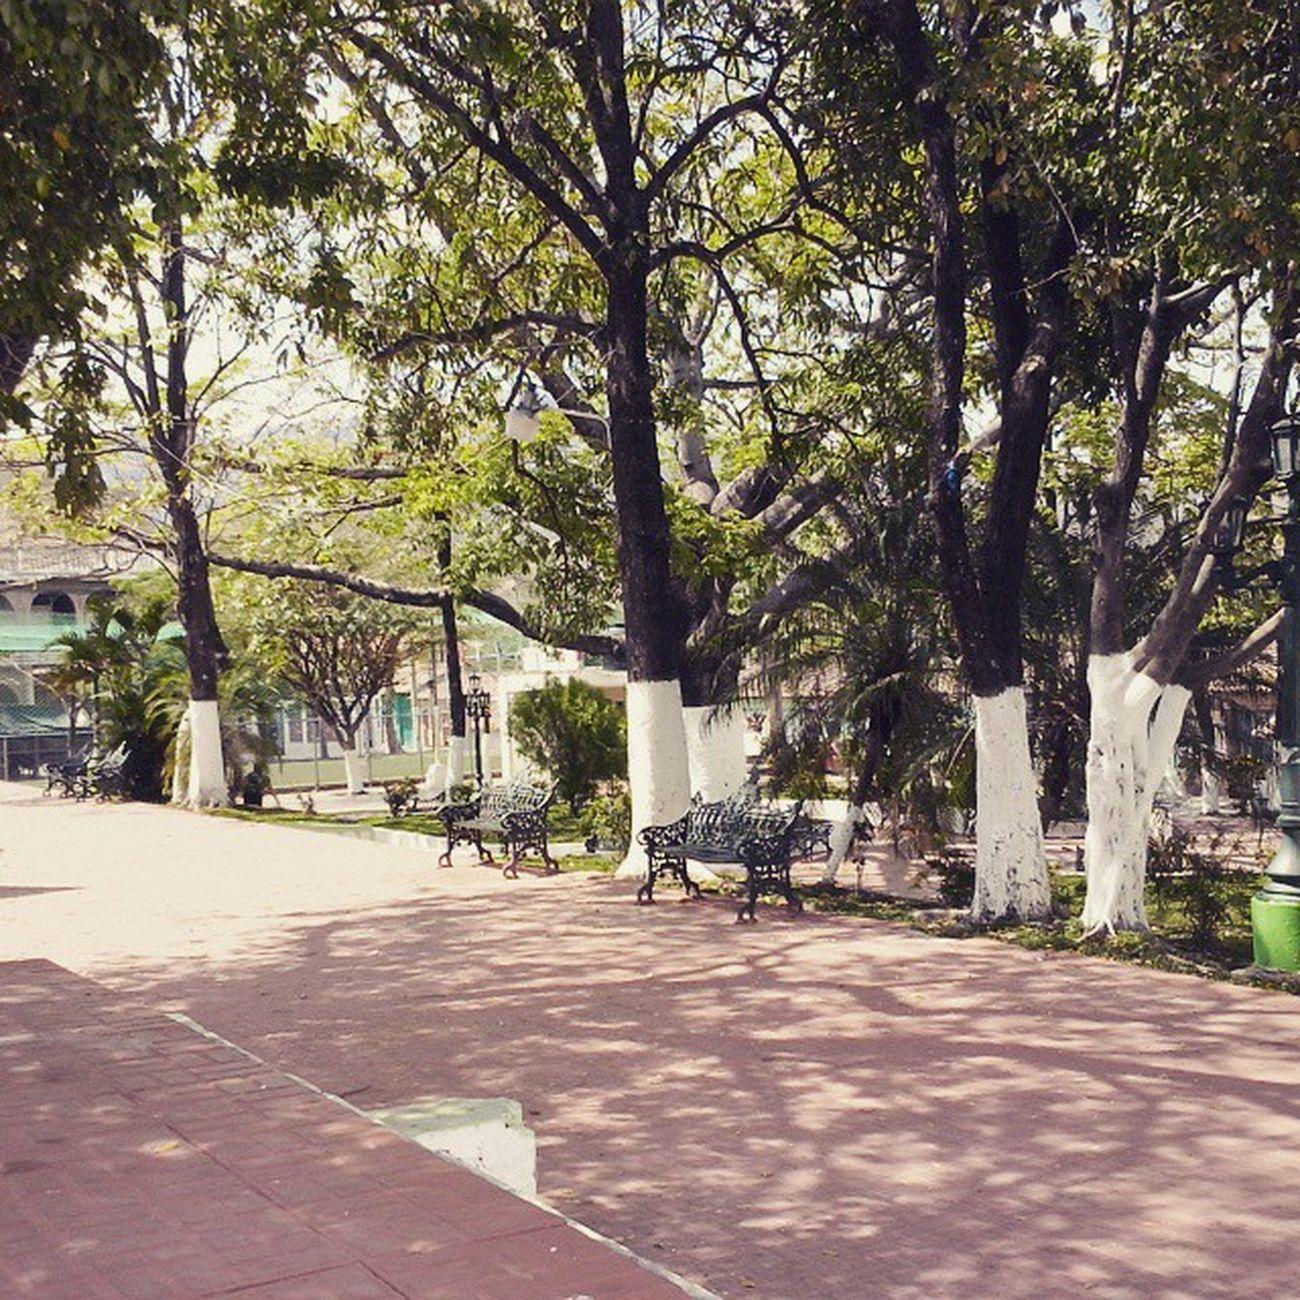 Bellísimo Parque Central de NuevaEsparta Launion Misviajes